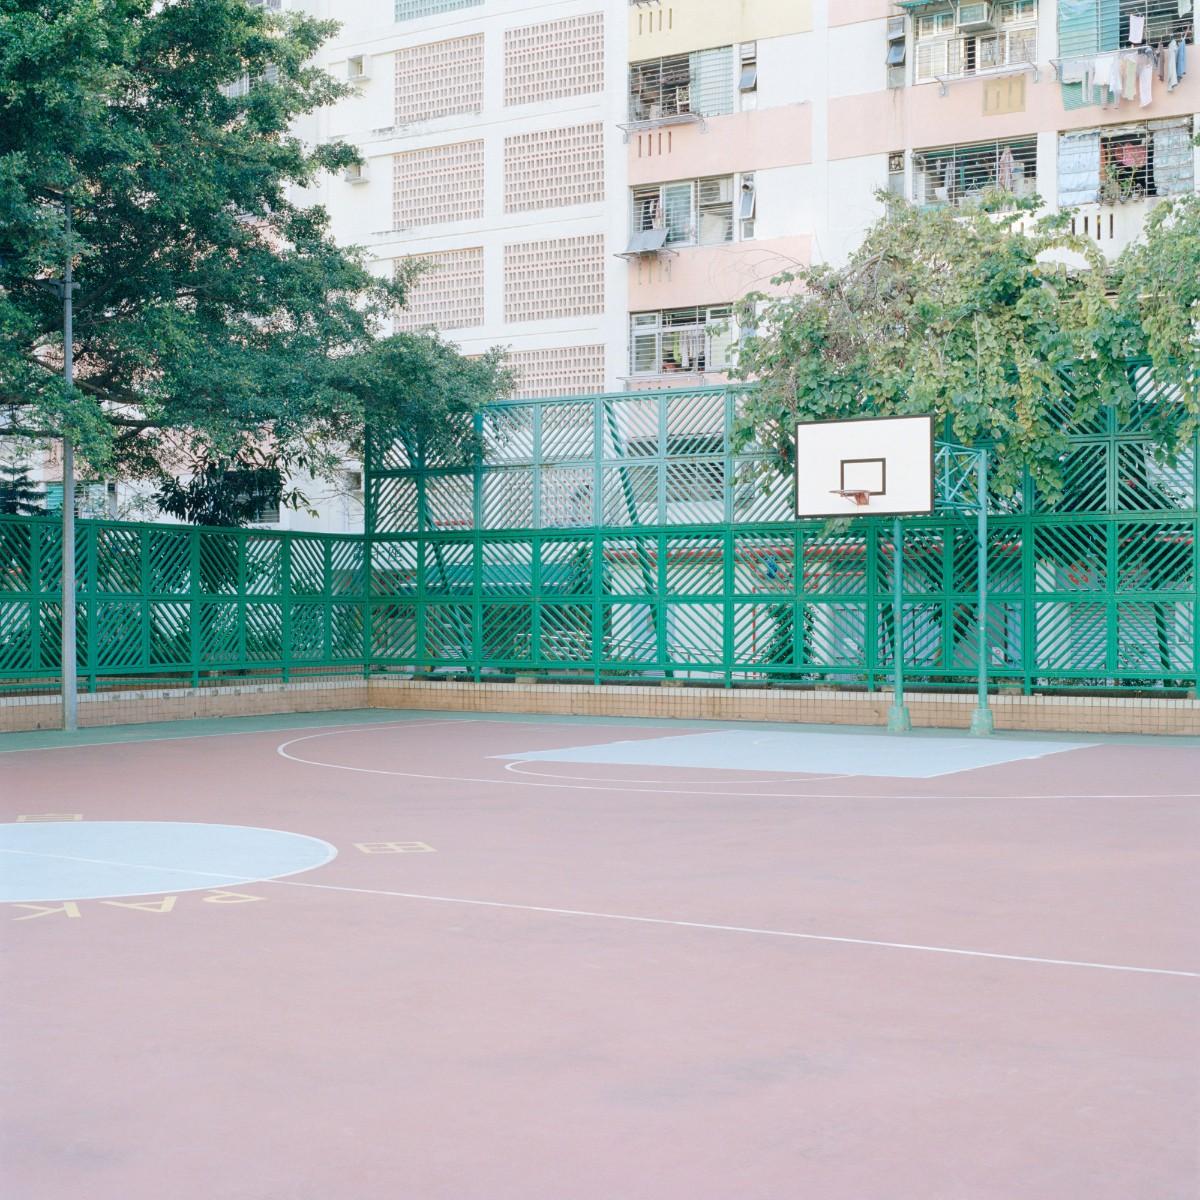 ward-roberts-courts-02.4-642ef62ad235386d0f3469d927c76cb5